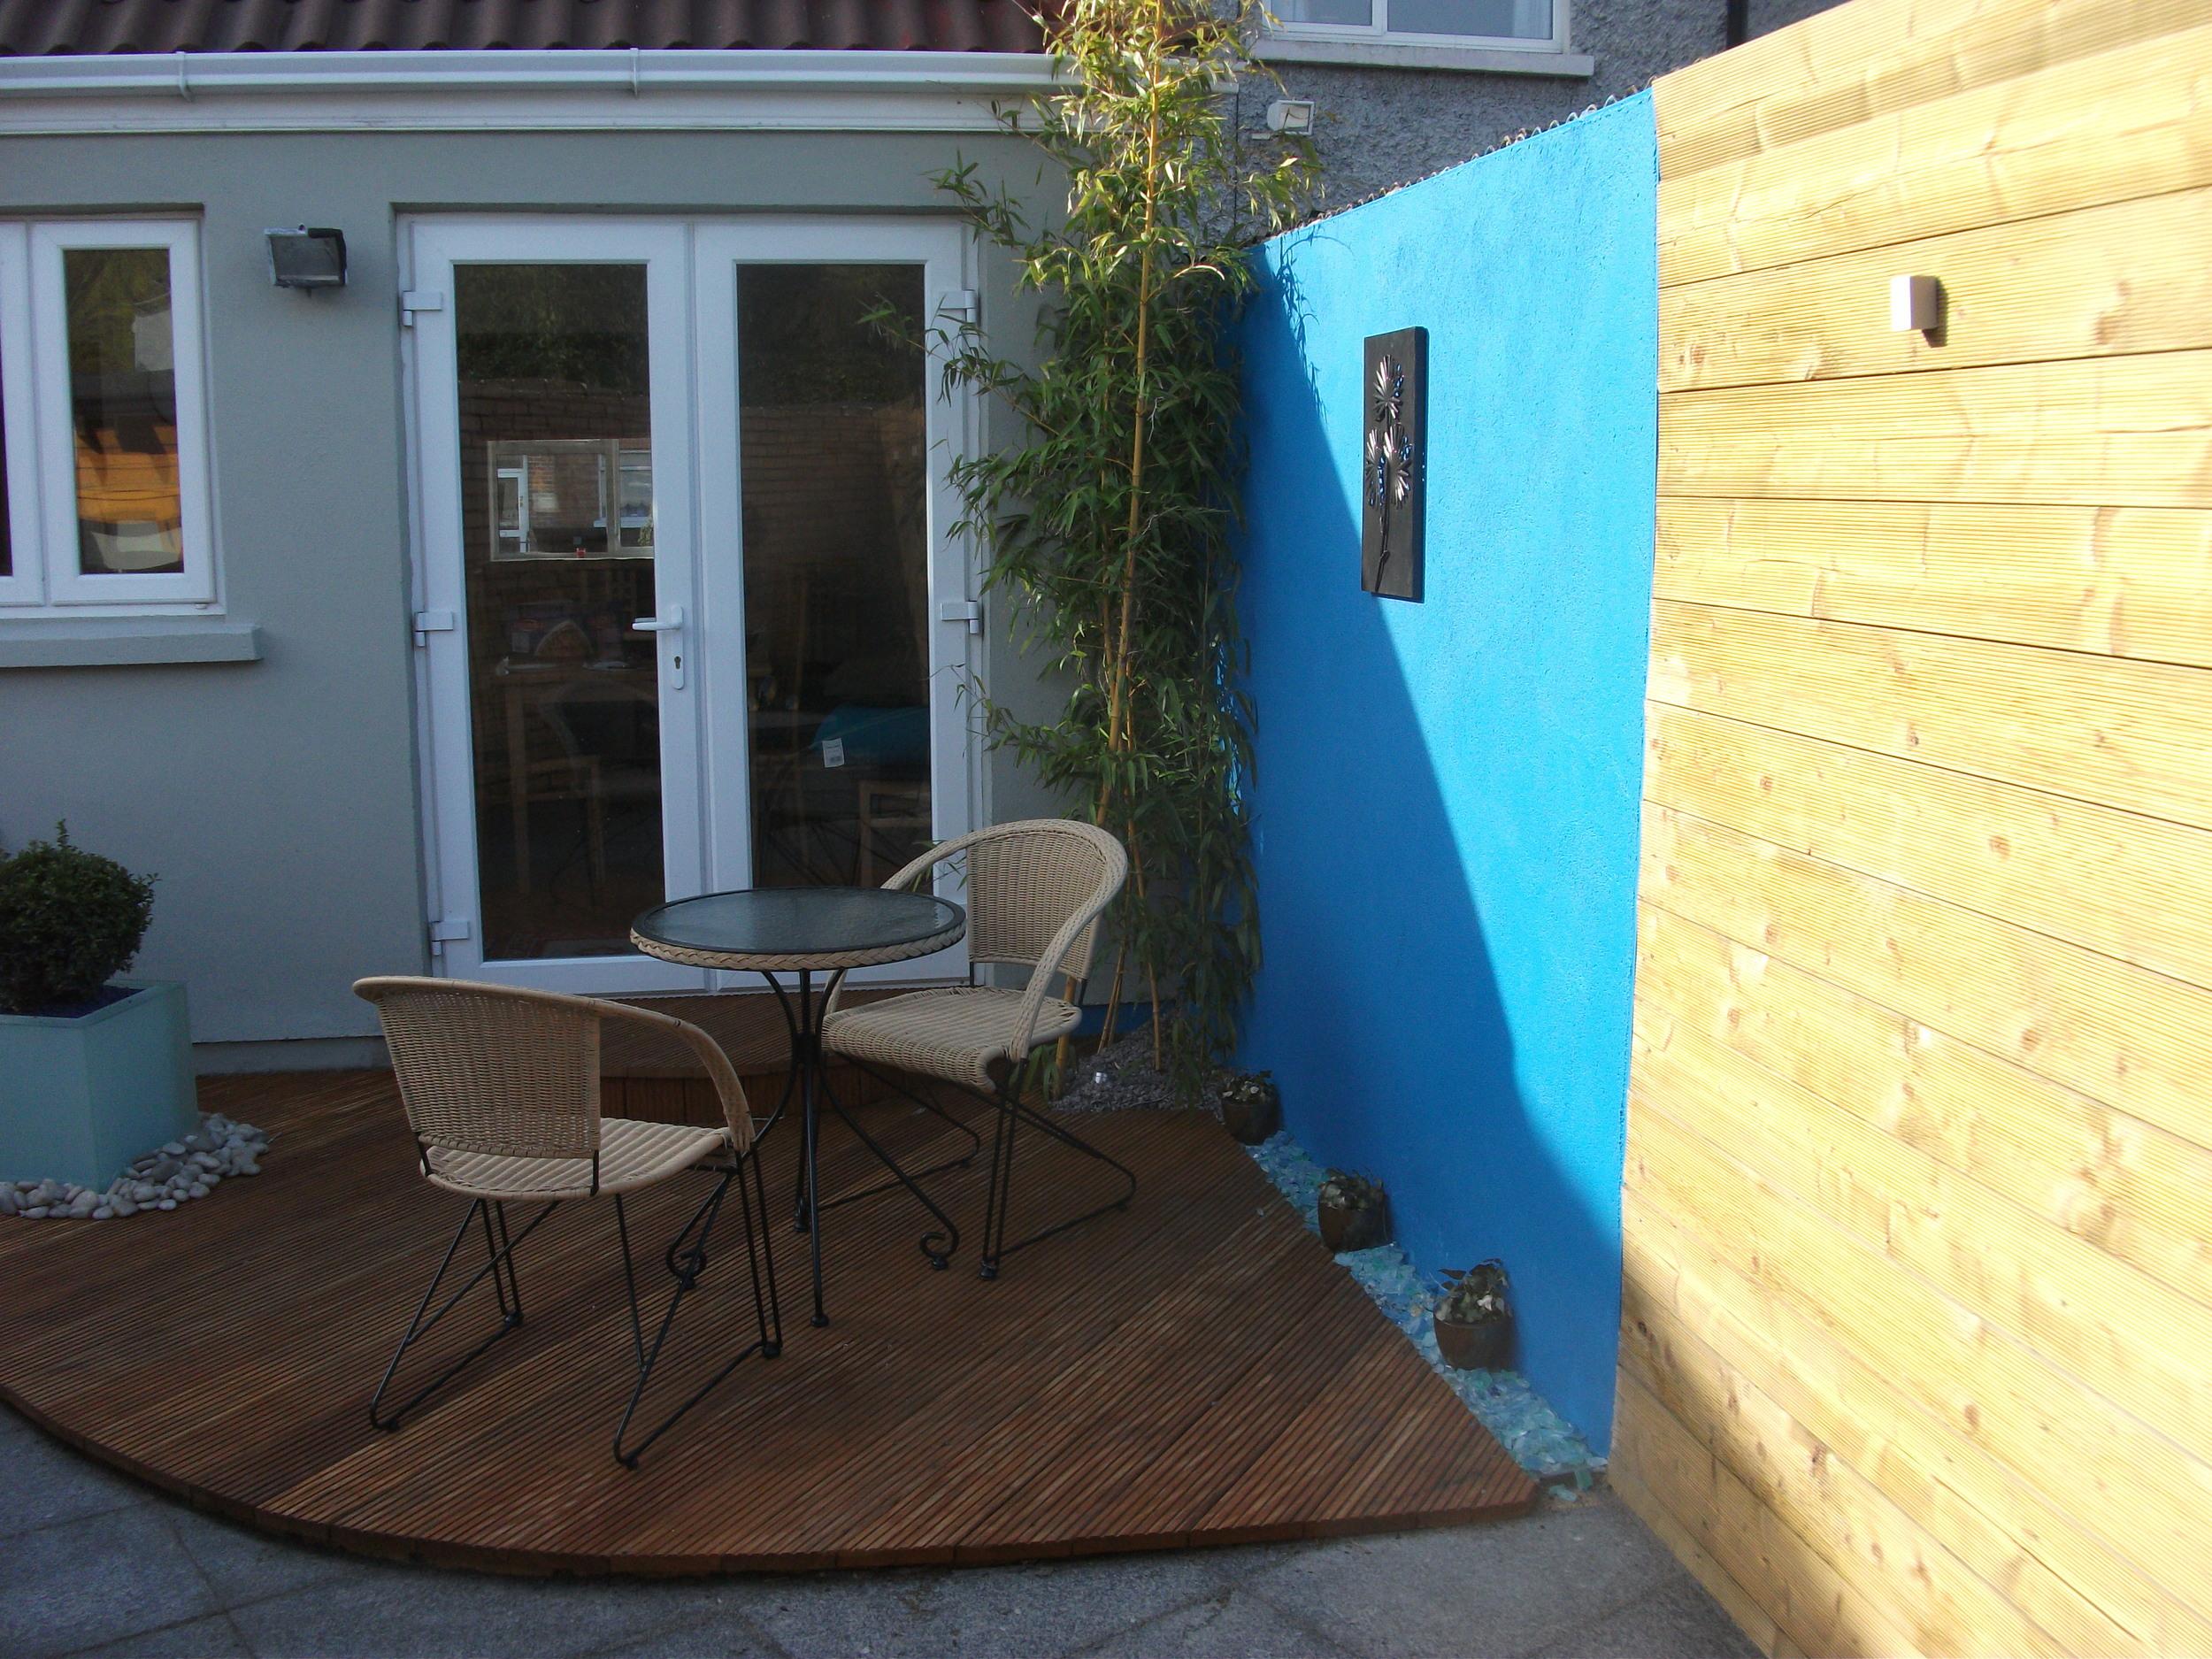 Coffee Garden -A small garden design